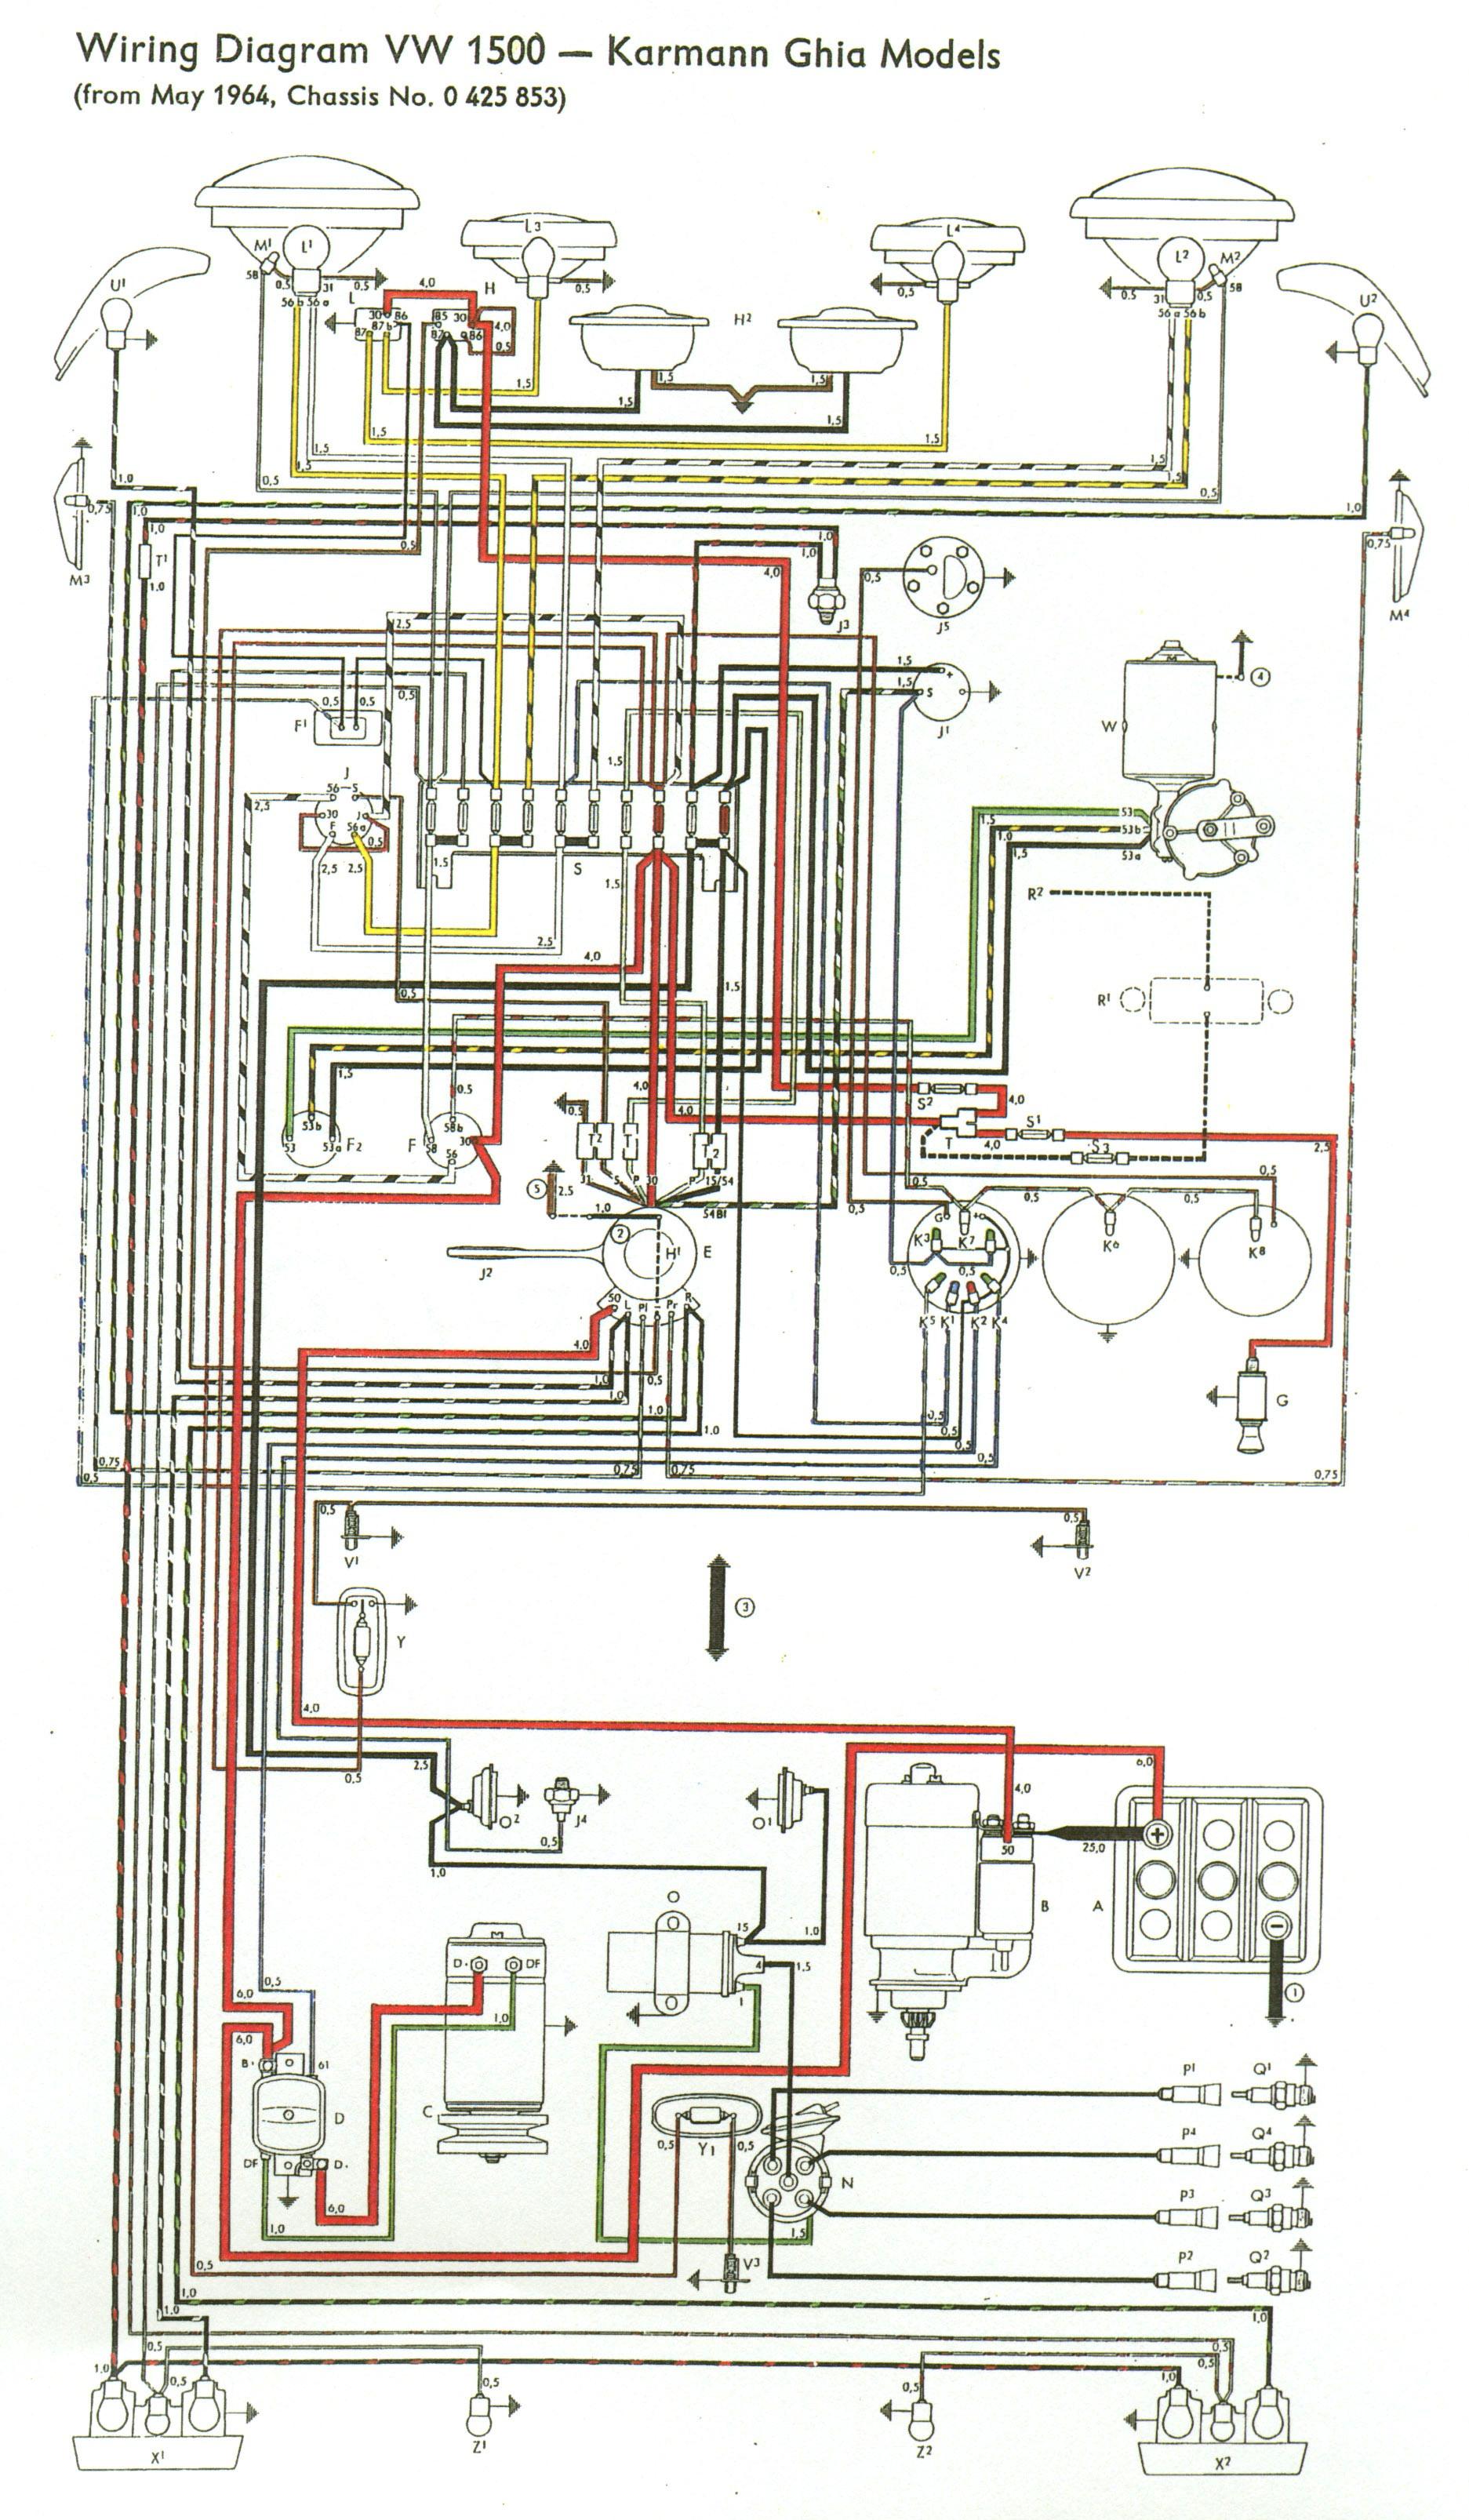 68 vw beetle wiring diagram sa 7908  wiring furthermore 1967 vw karmann ghia wiring diagram on  1967 vw karmann ghia wiring diagram